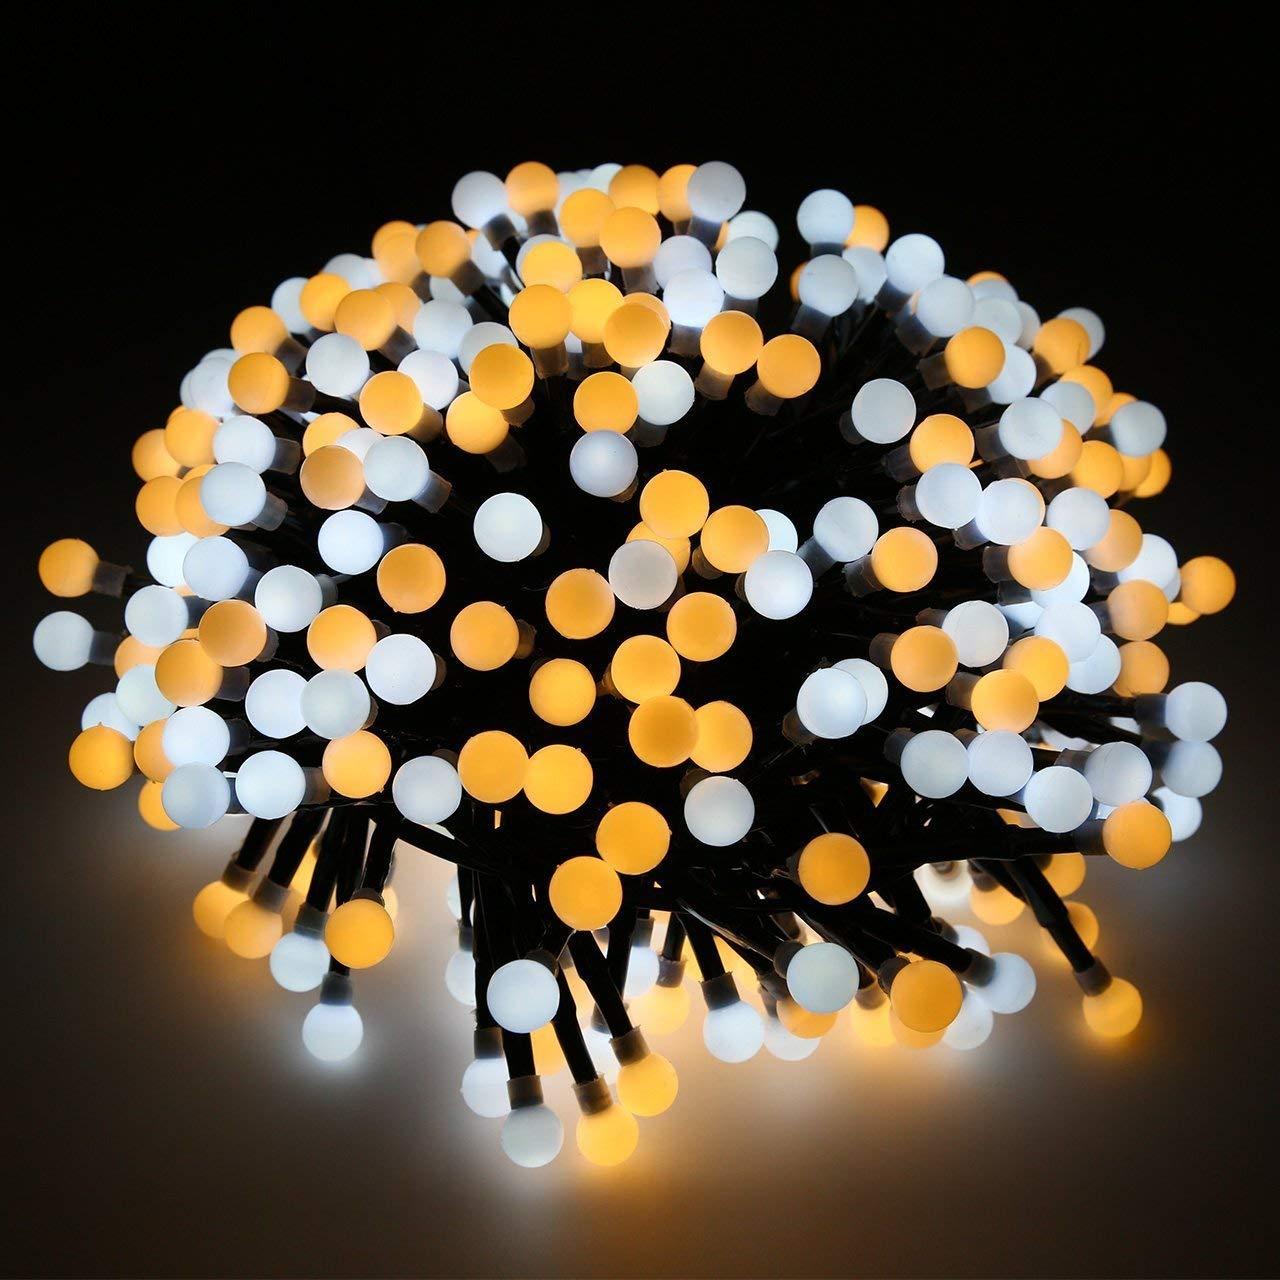 Luci di Stringa, Catena Luminosa Impermeabili 400 LED, 8 Modalità , Strisce di Luci LED Luci Decorative Uso Esterno ed Interno per Natale, Anno Nuovo, Matrimonio, Casa, Giardino, Finestre, Bianco Caldo 8 Modalità QianMo